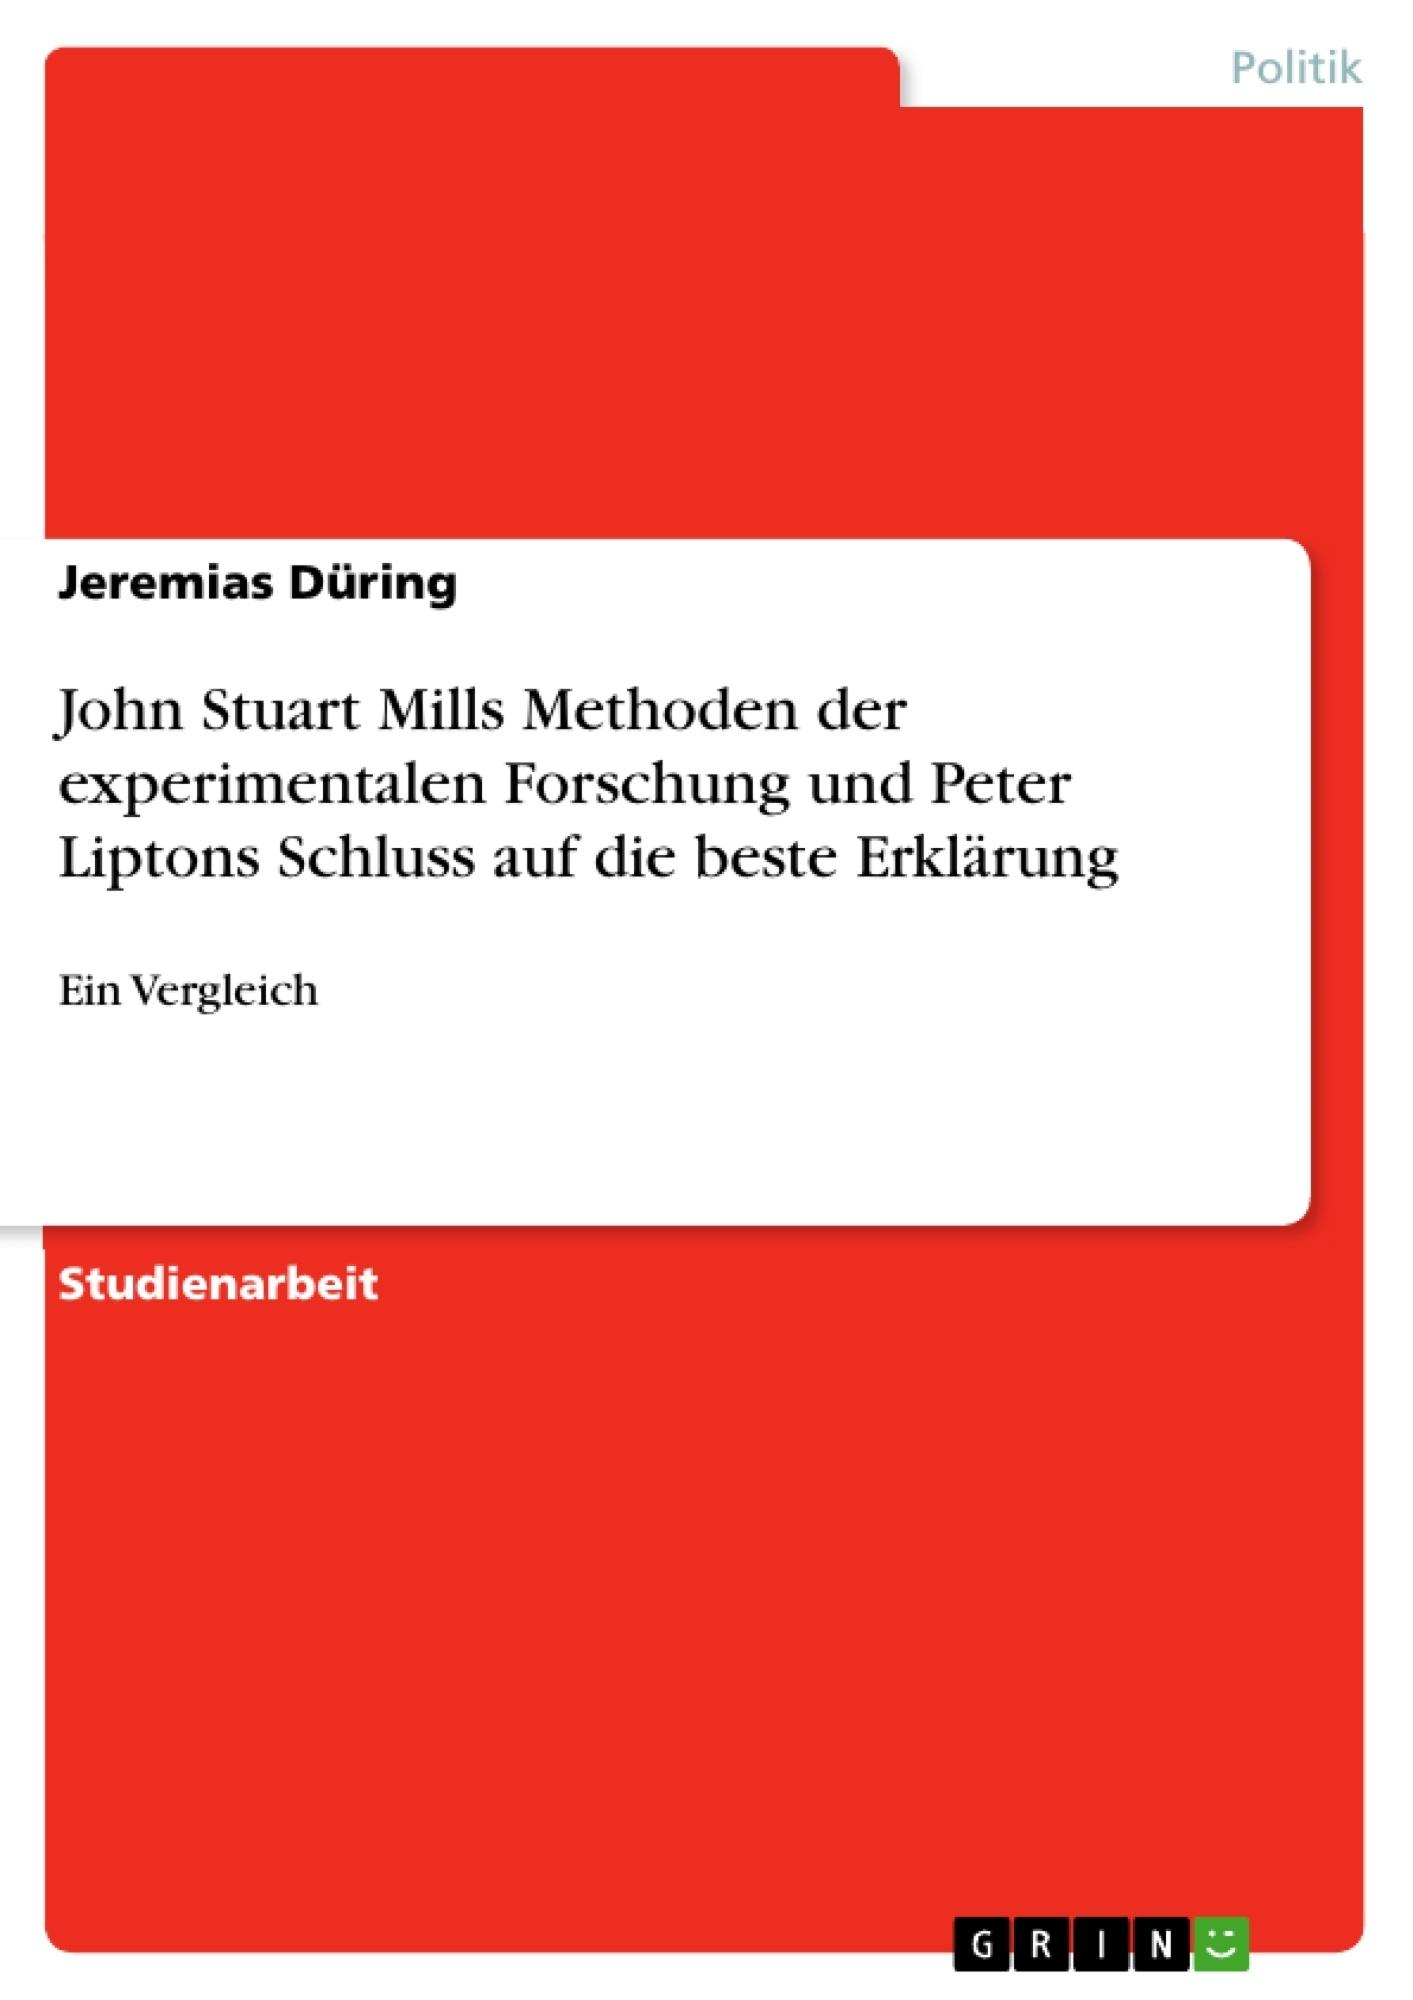 Titel: John Stuart Mills Methoden der experimentalen Forschung und Peter Liptons Schluss auf die beste Erklärung